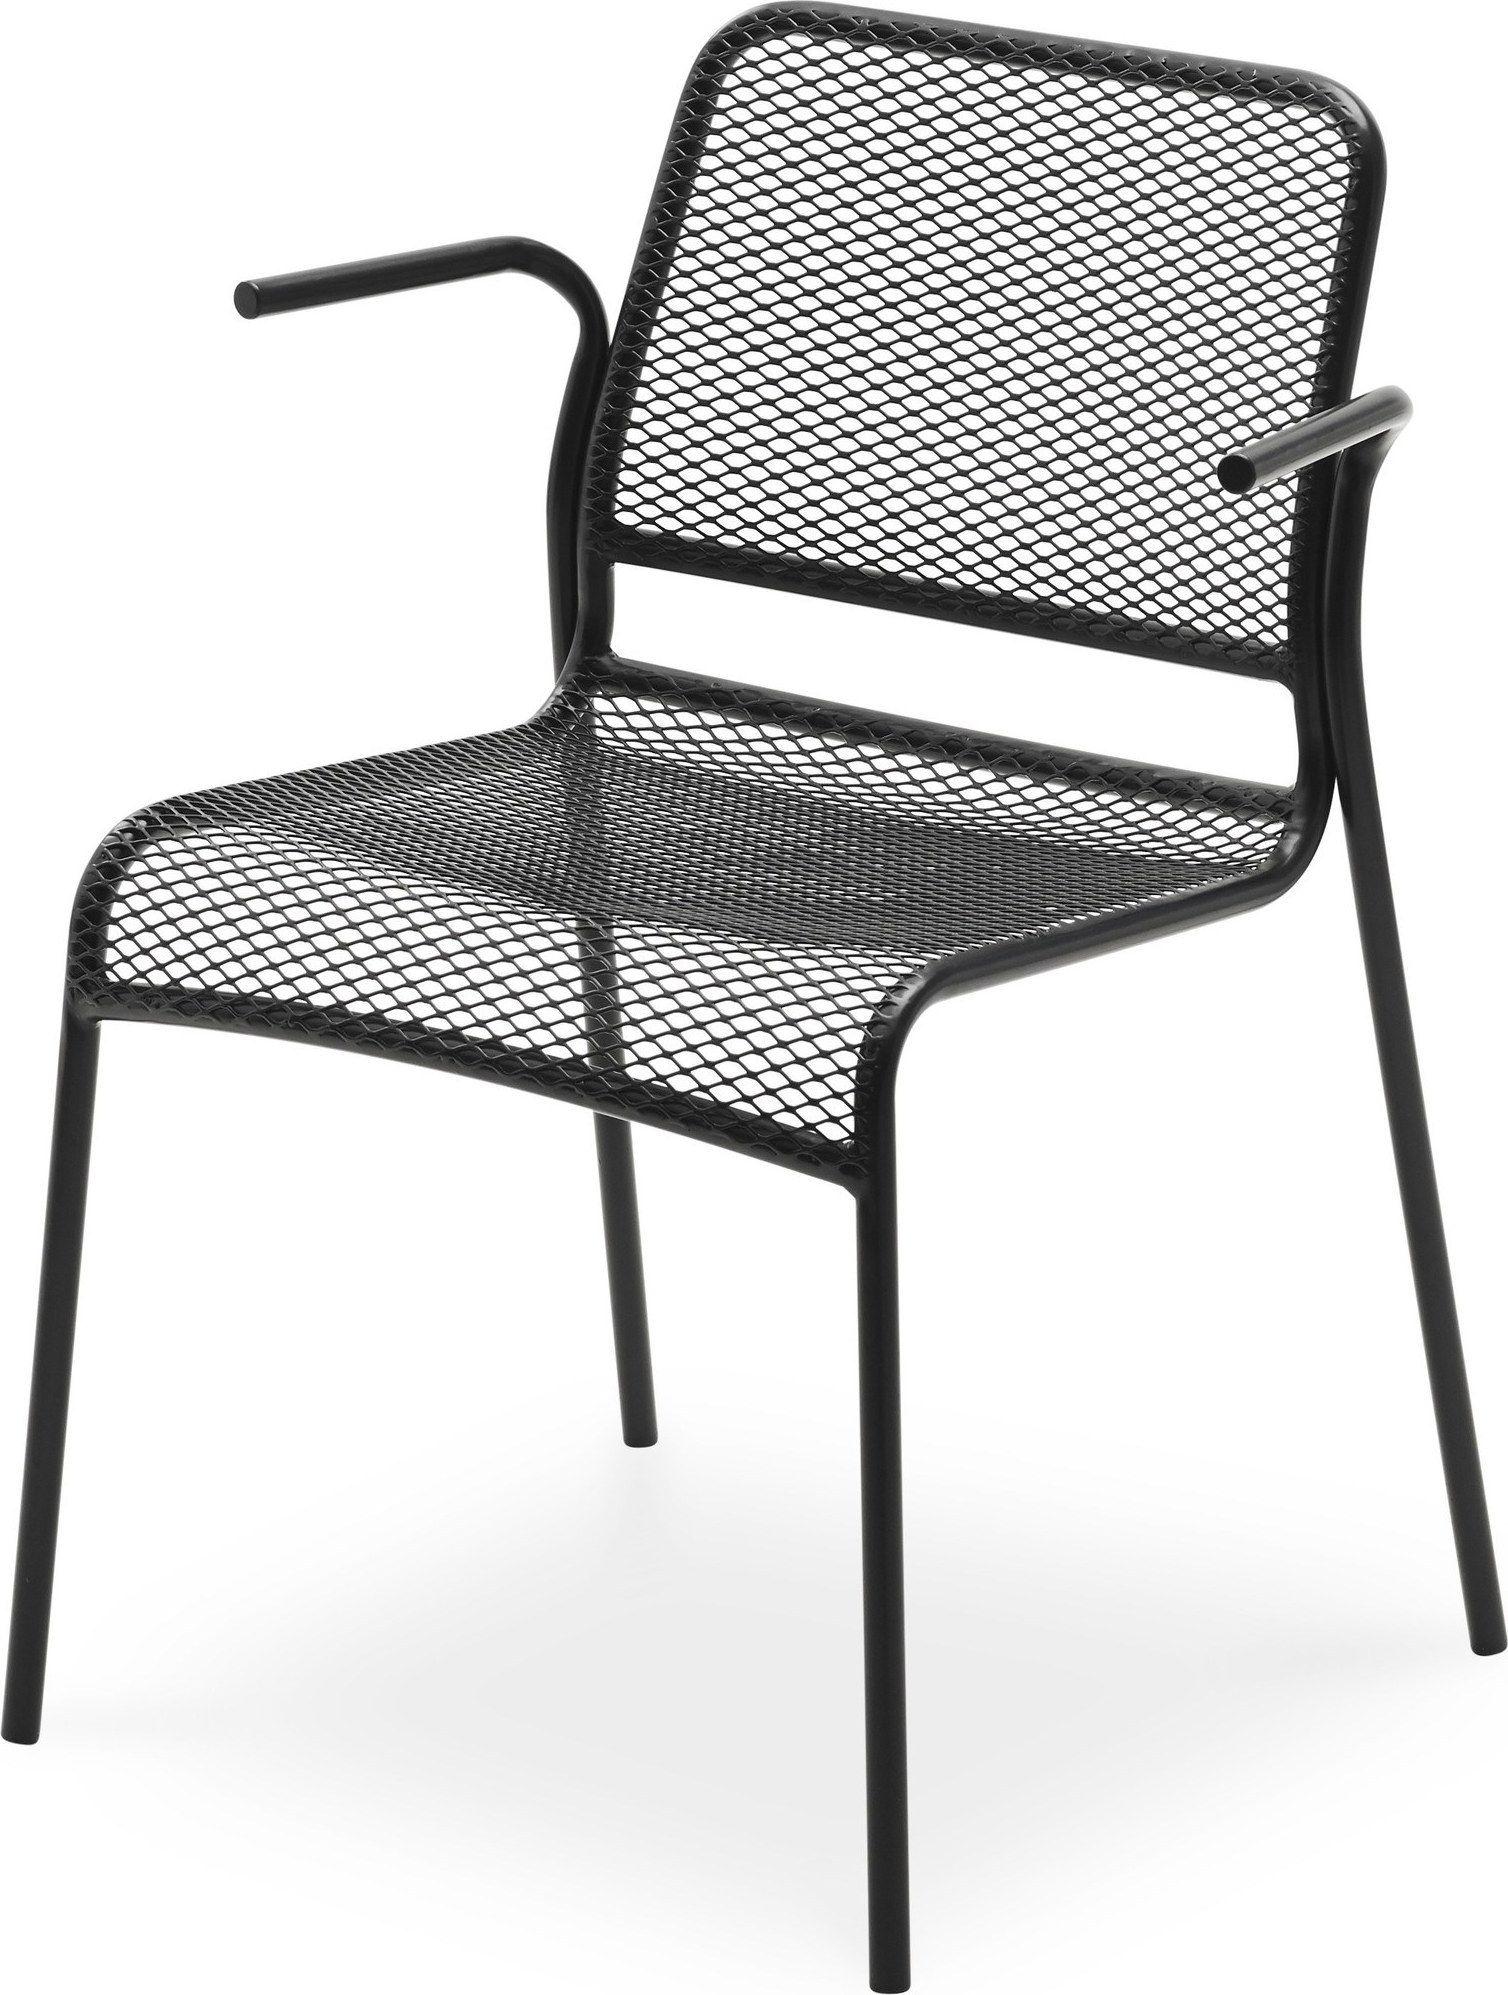 Nowoczesne Biale Krzesla Do Kuchni Krzesla I Taborety Do Kuchni Tanie Krzesla Biurowe Poznan Krzesla Kuche Outdoor Chairs Outdoor Furniture Outdoor Decor